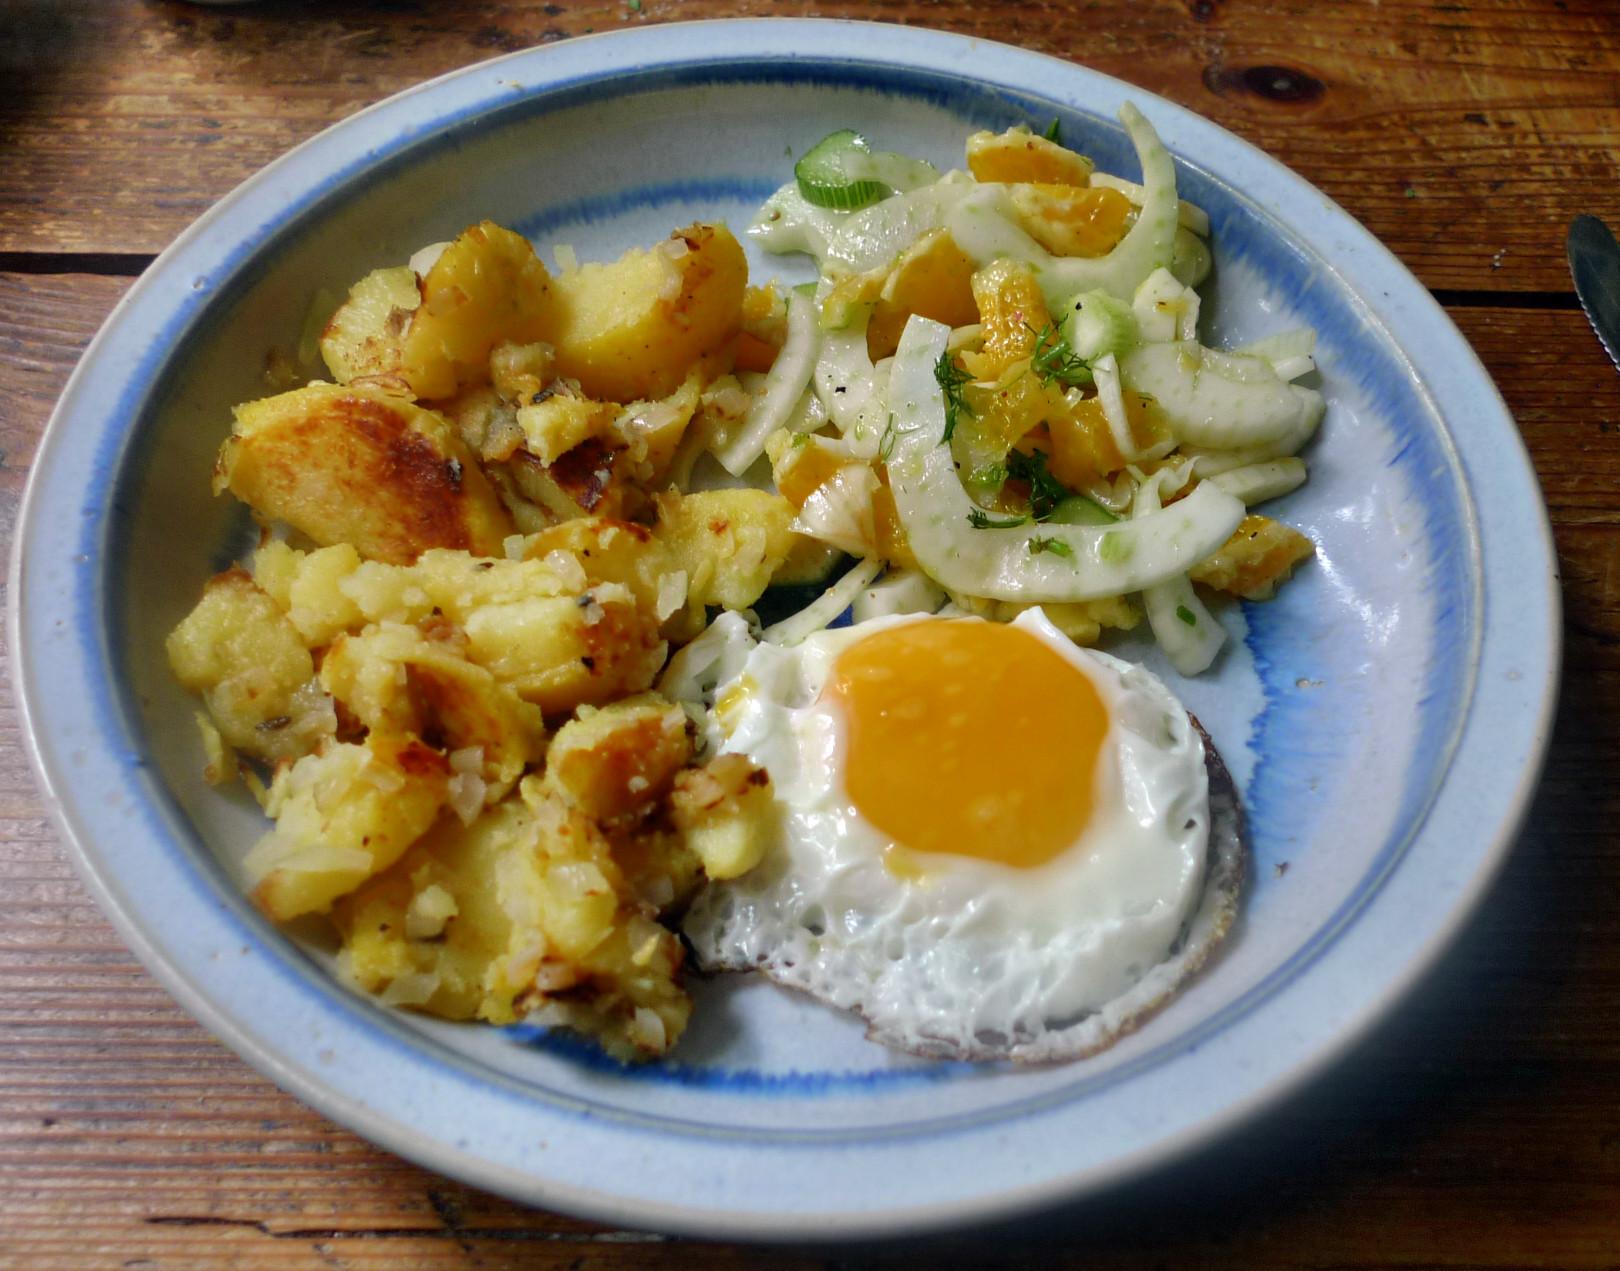 Bratkartoffel,Spiegelei,Fenchelsalat - 24.2.15   (1)